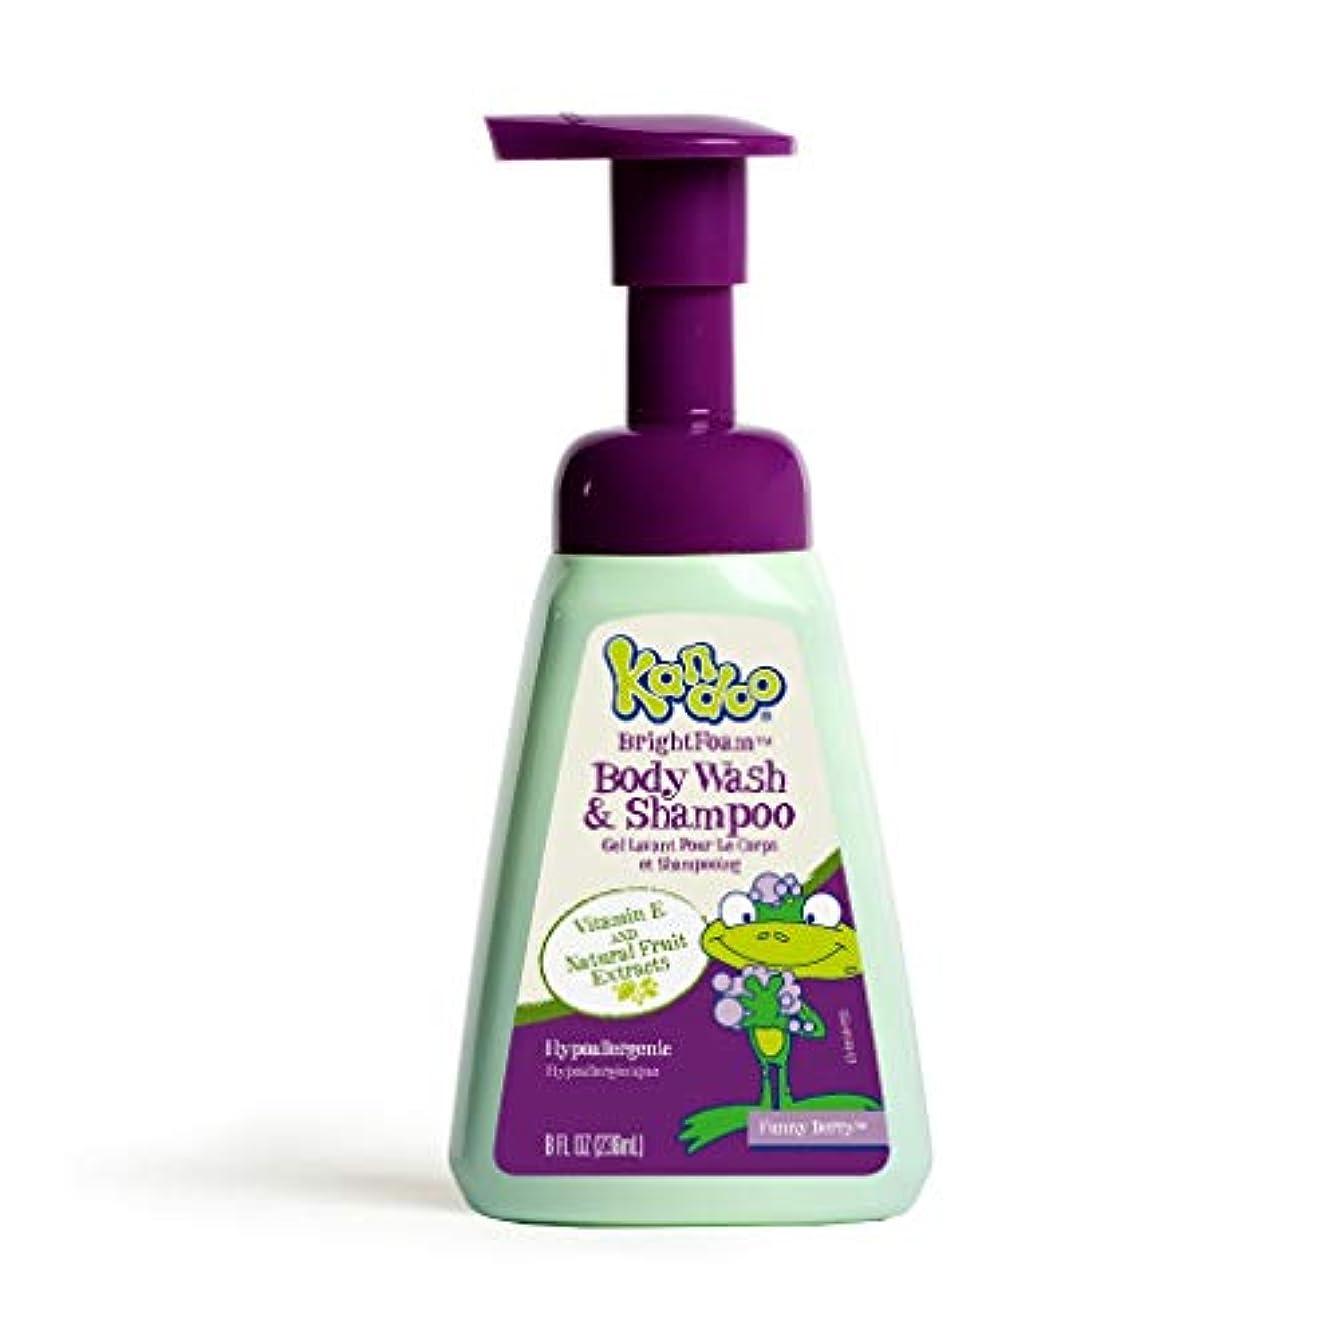 持続する製油所兵隊Kandoo BrightFoam Body Wash, Funny Berry Scent, 8.4 Fluid Ounce by Kandoo